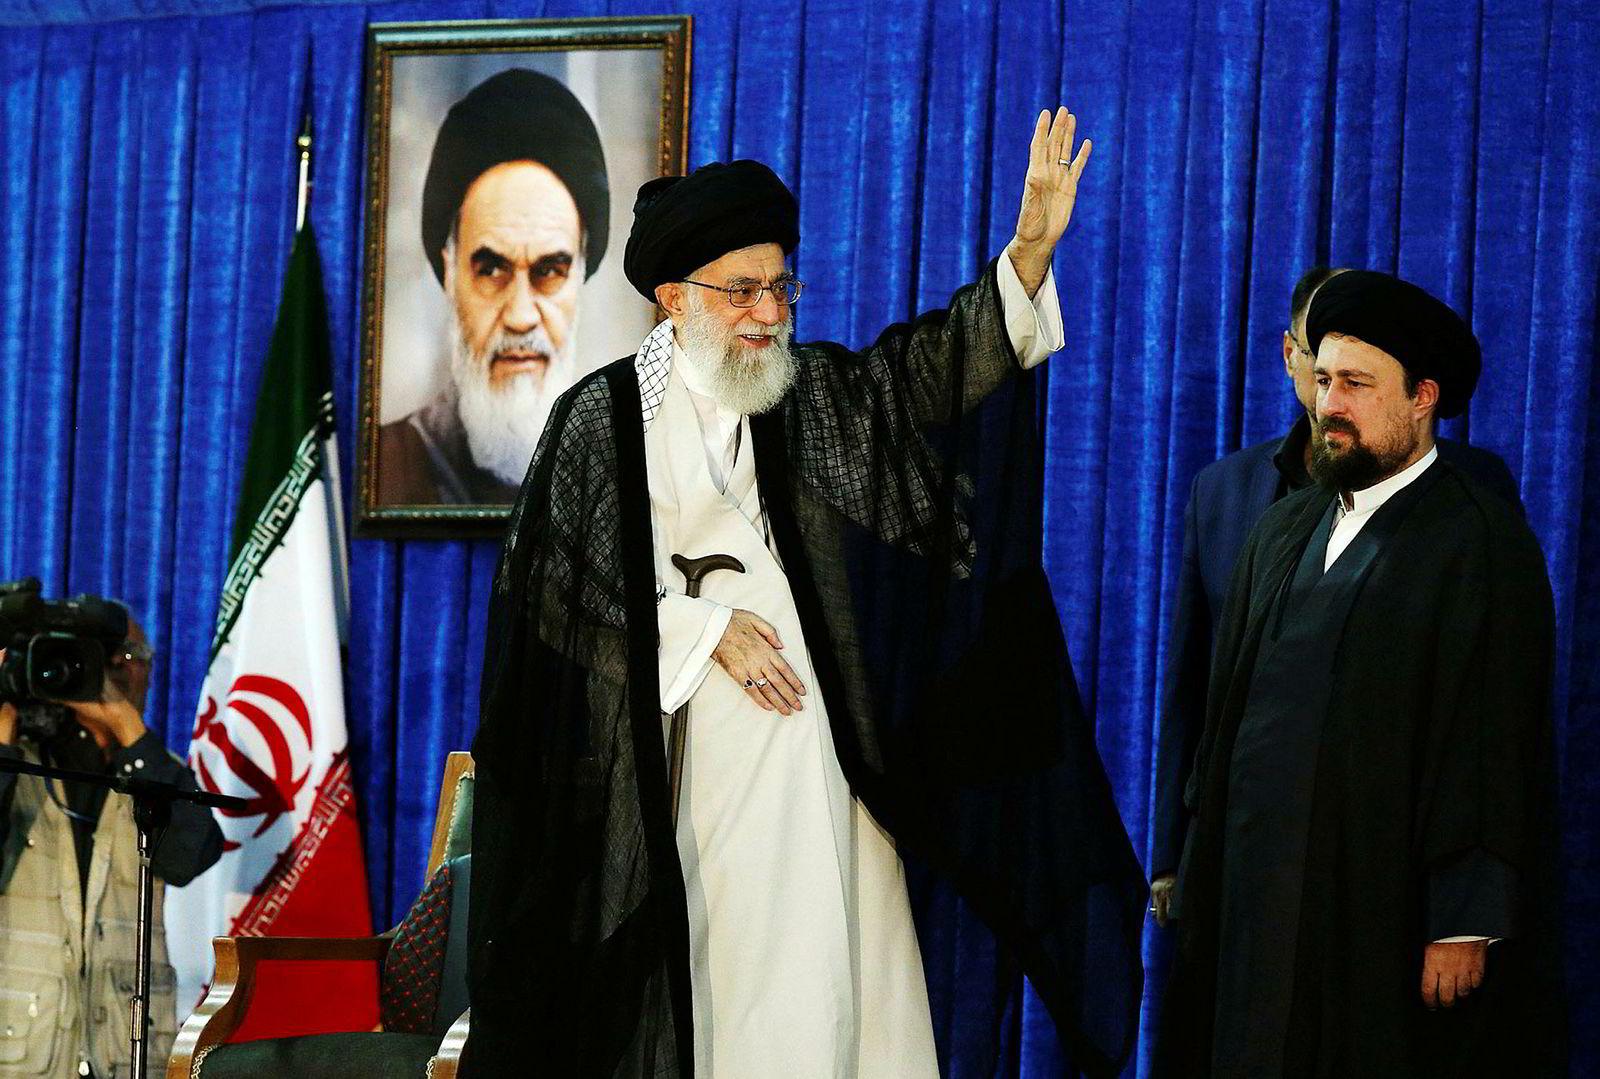 Irans øverste leder, ayatollah Ali Khamenei, anklager Irans fiender for å stå bak opptøyene som startet torsdag forrige uke. Her sammen med Hassan Khomeini (til høyre), barnebarnet til grunnleggeren av den islamske republikken Iran.